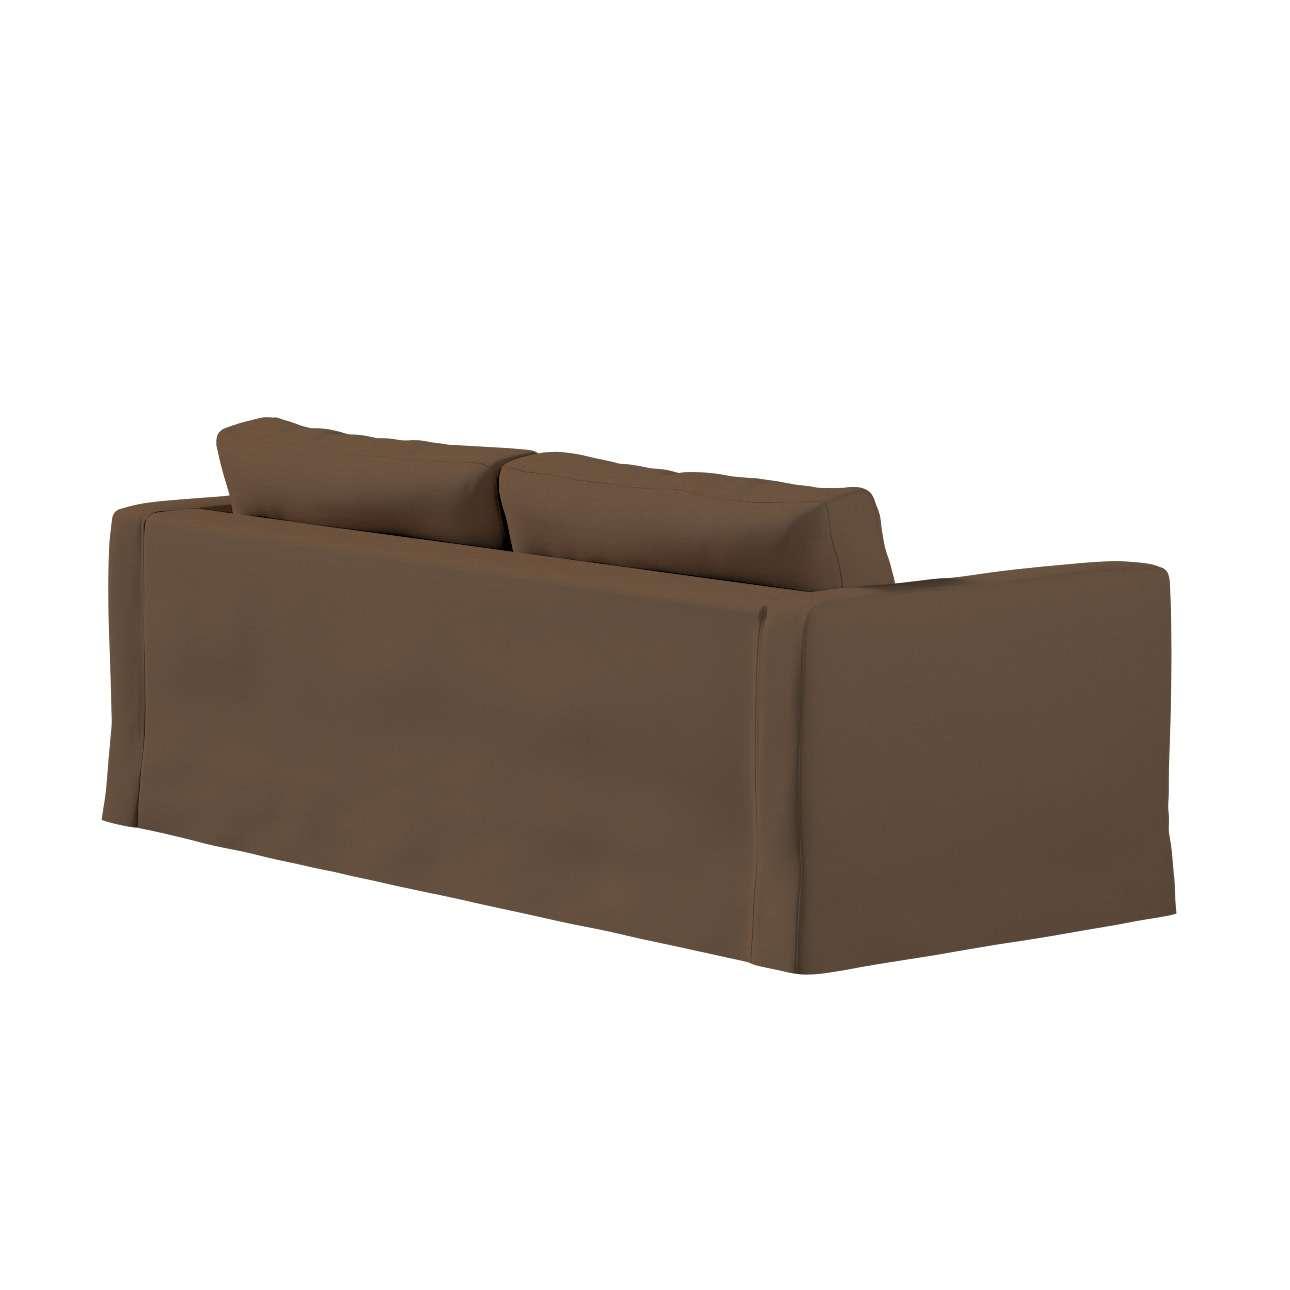 Pokrowiec na sofę Karlstad 3-osobową nierozkładaną, długi w kolekcji Cotton Panama, tkanina: 702-02